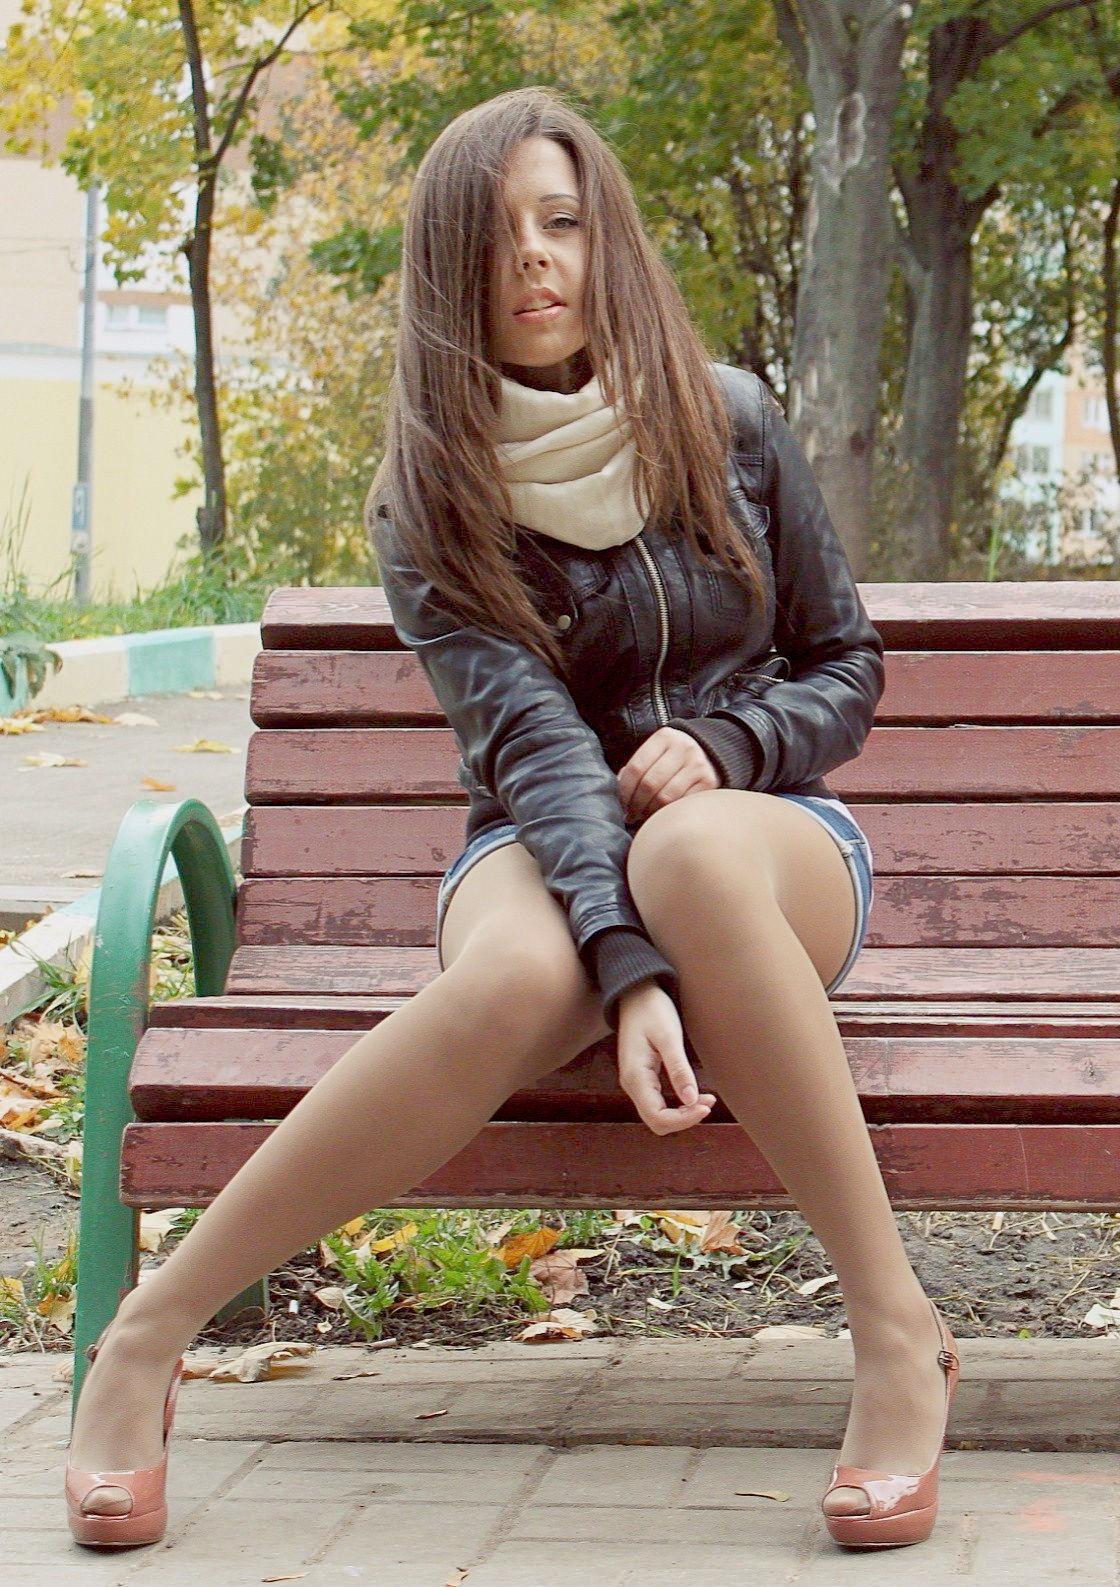 Заводная шатенка на скамейке с красивыми ножками